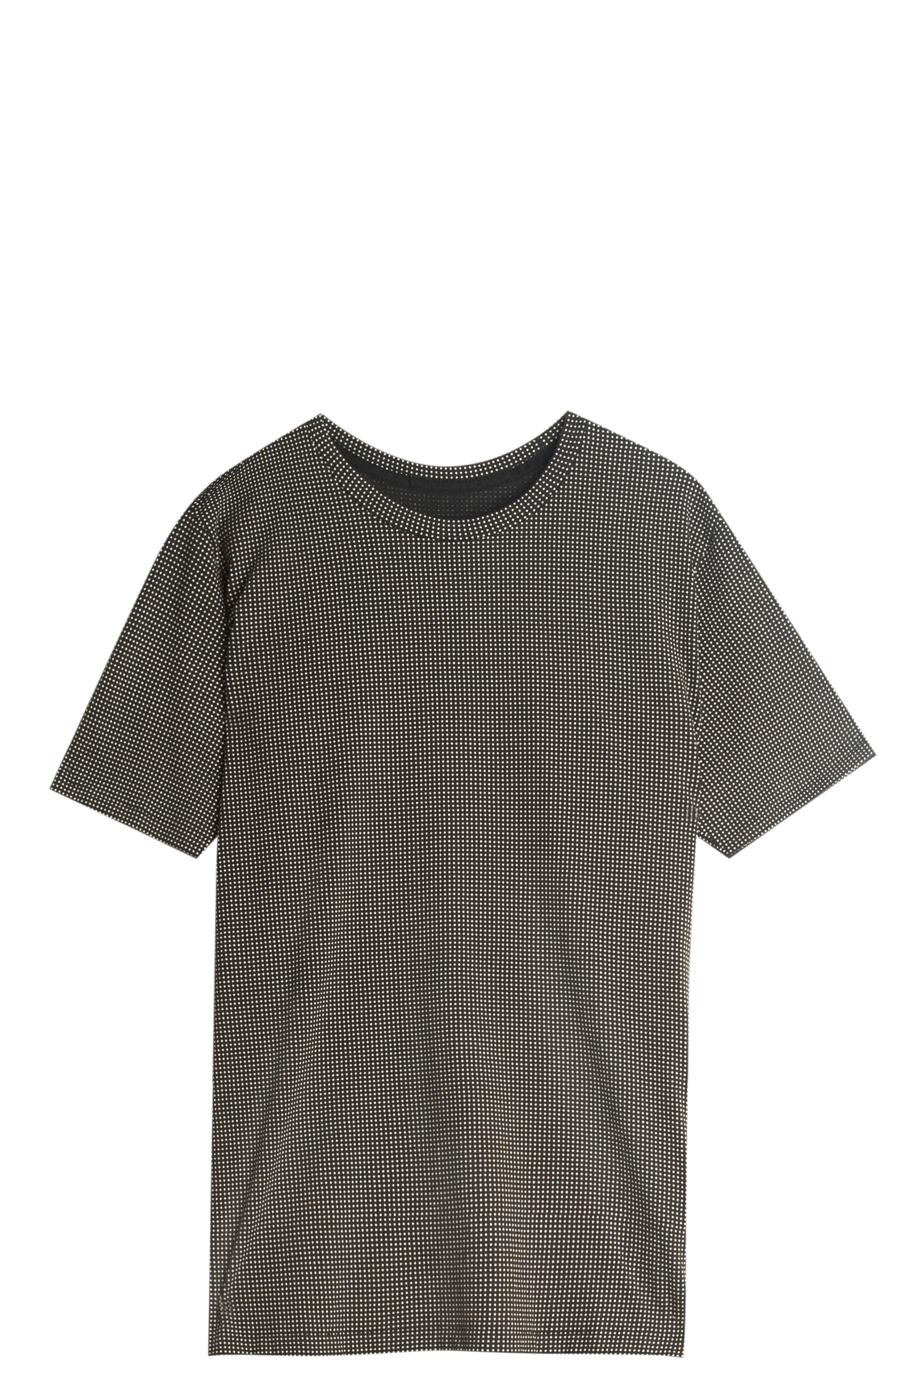 Lyst Rag Bone Small Spot T Shirt In Black For Men